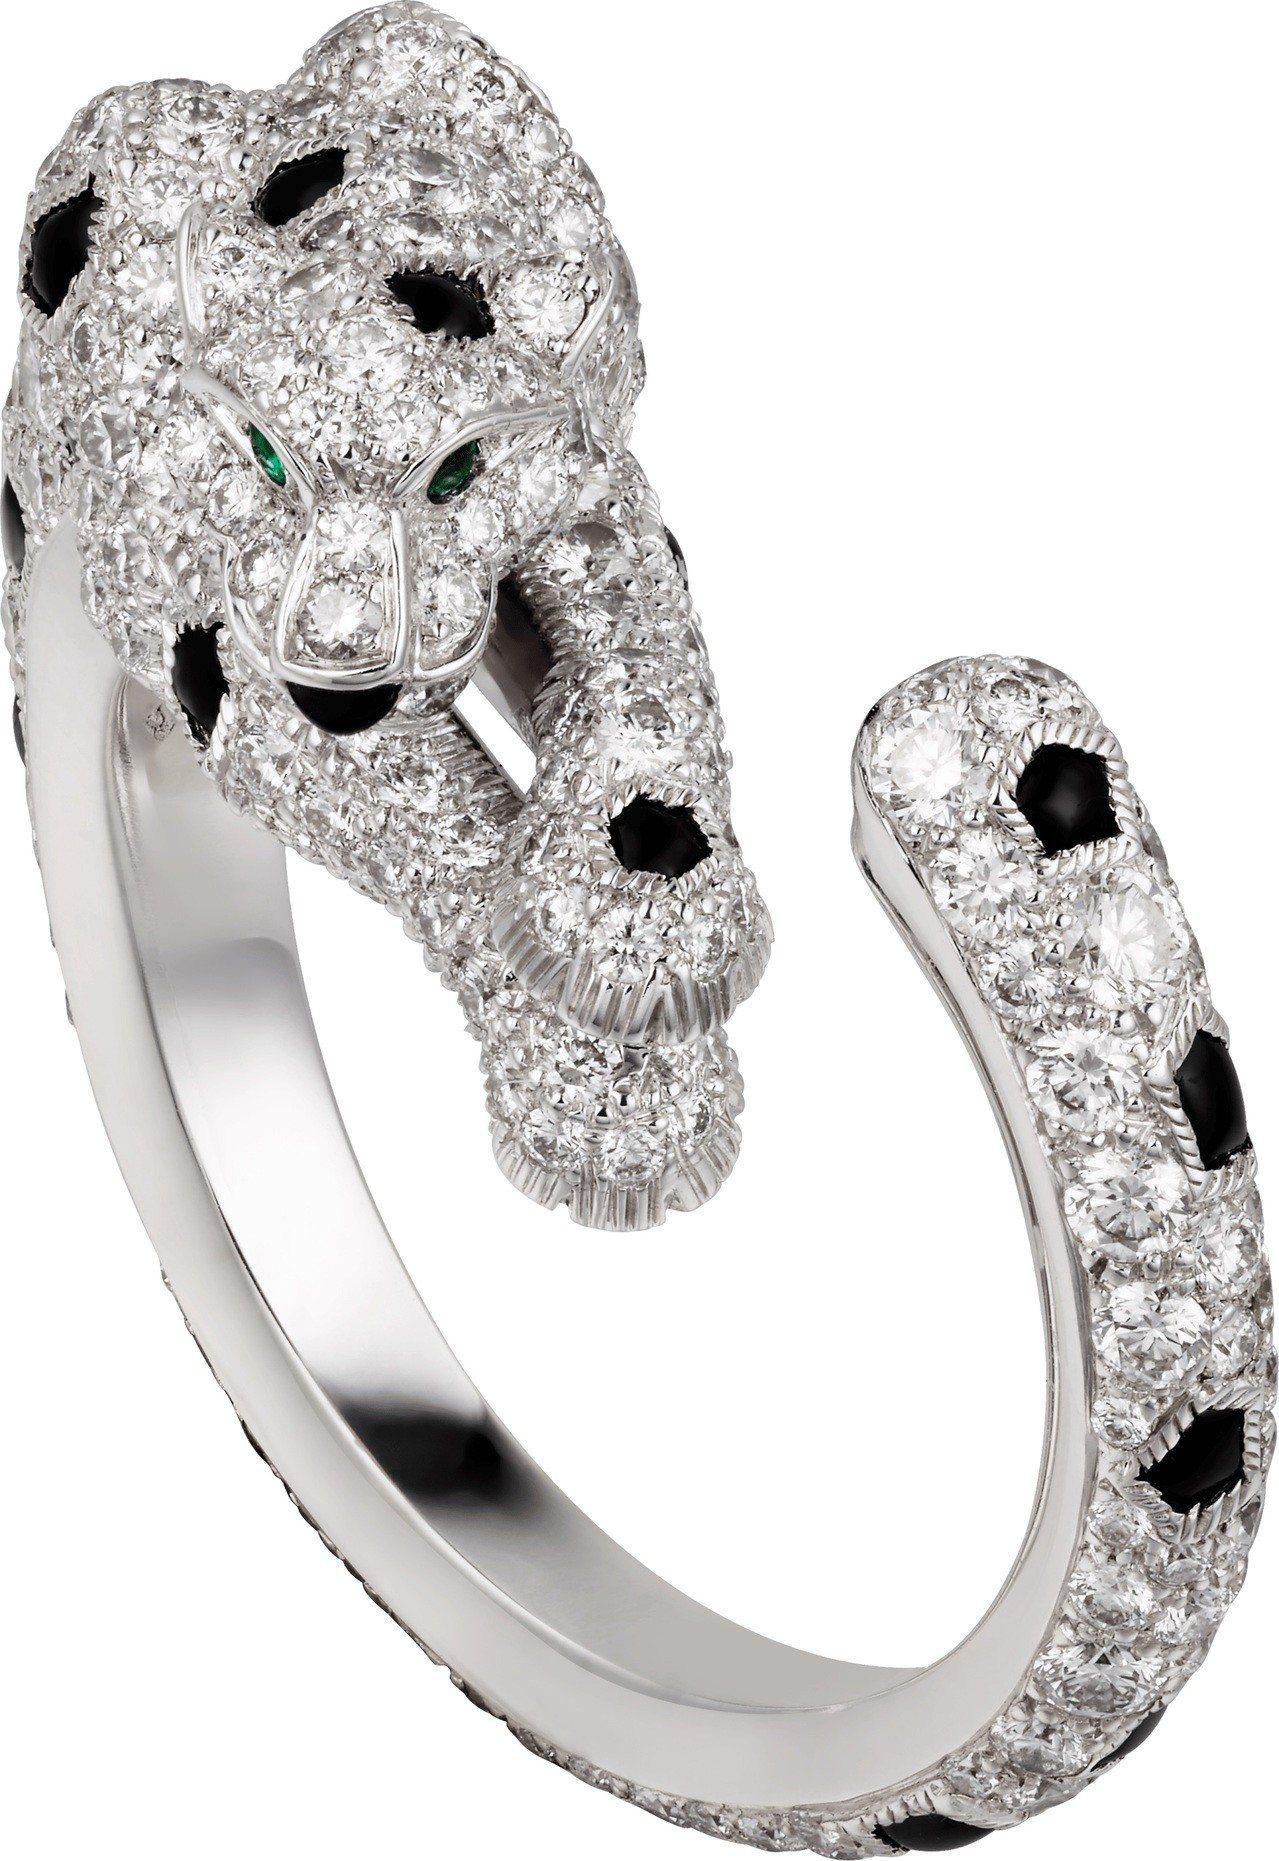 卡地亞 Panthere Lovée纏繞的豹鋪鑽戒指,117萬元。圖/卡地亞提...